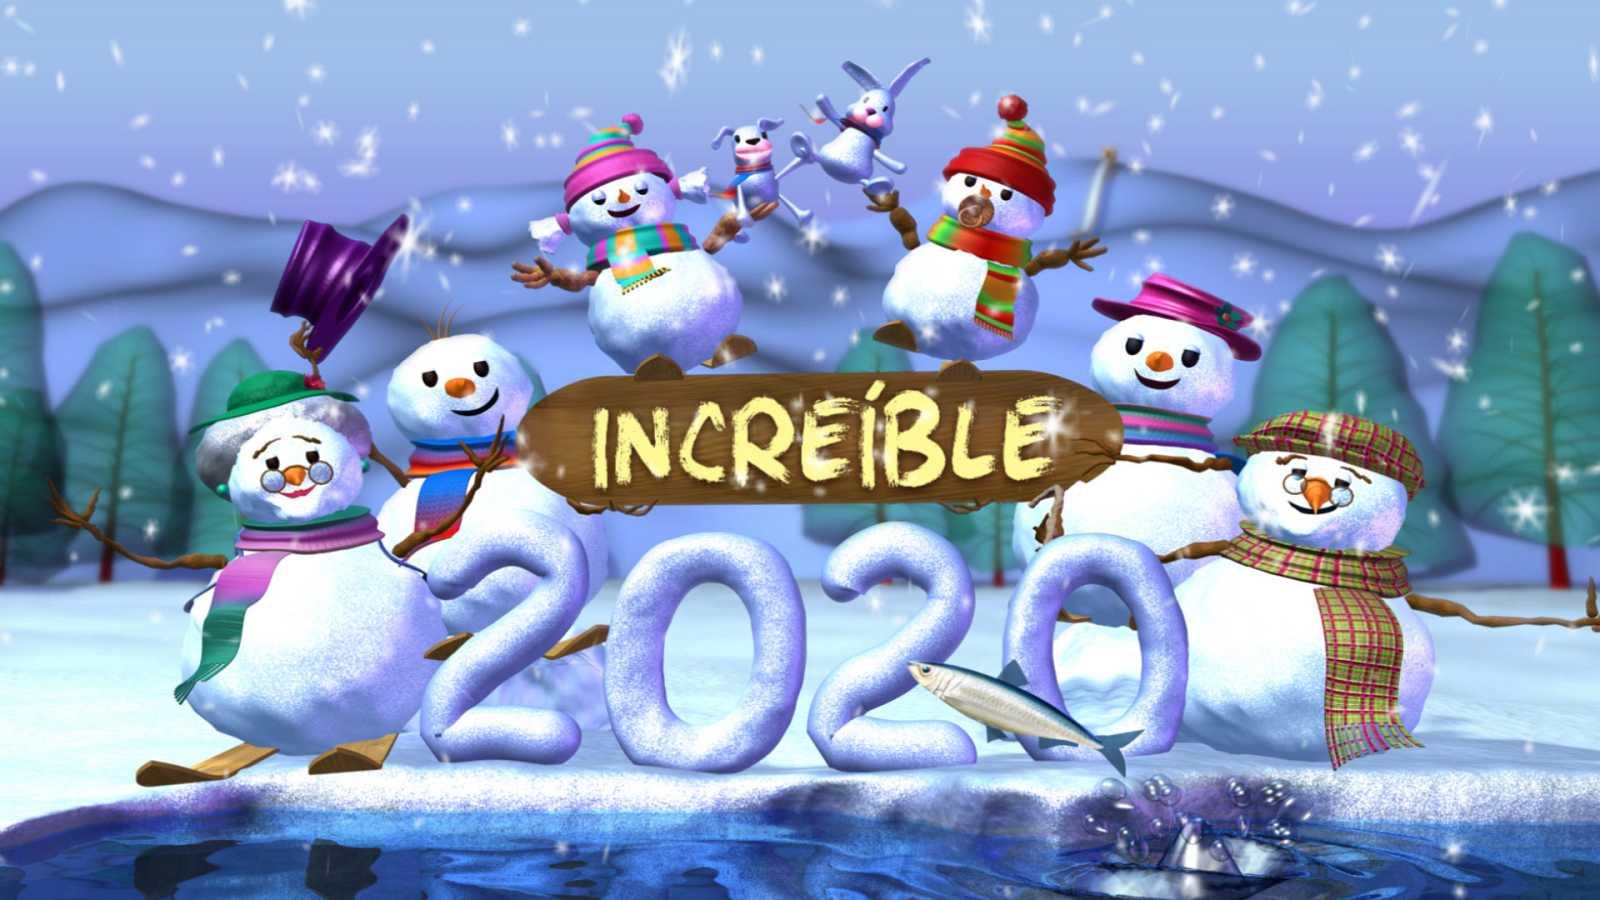 Increíble 2020 - ver ahora